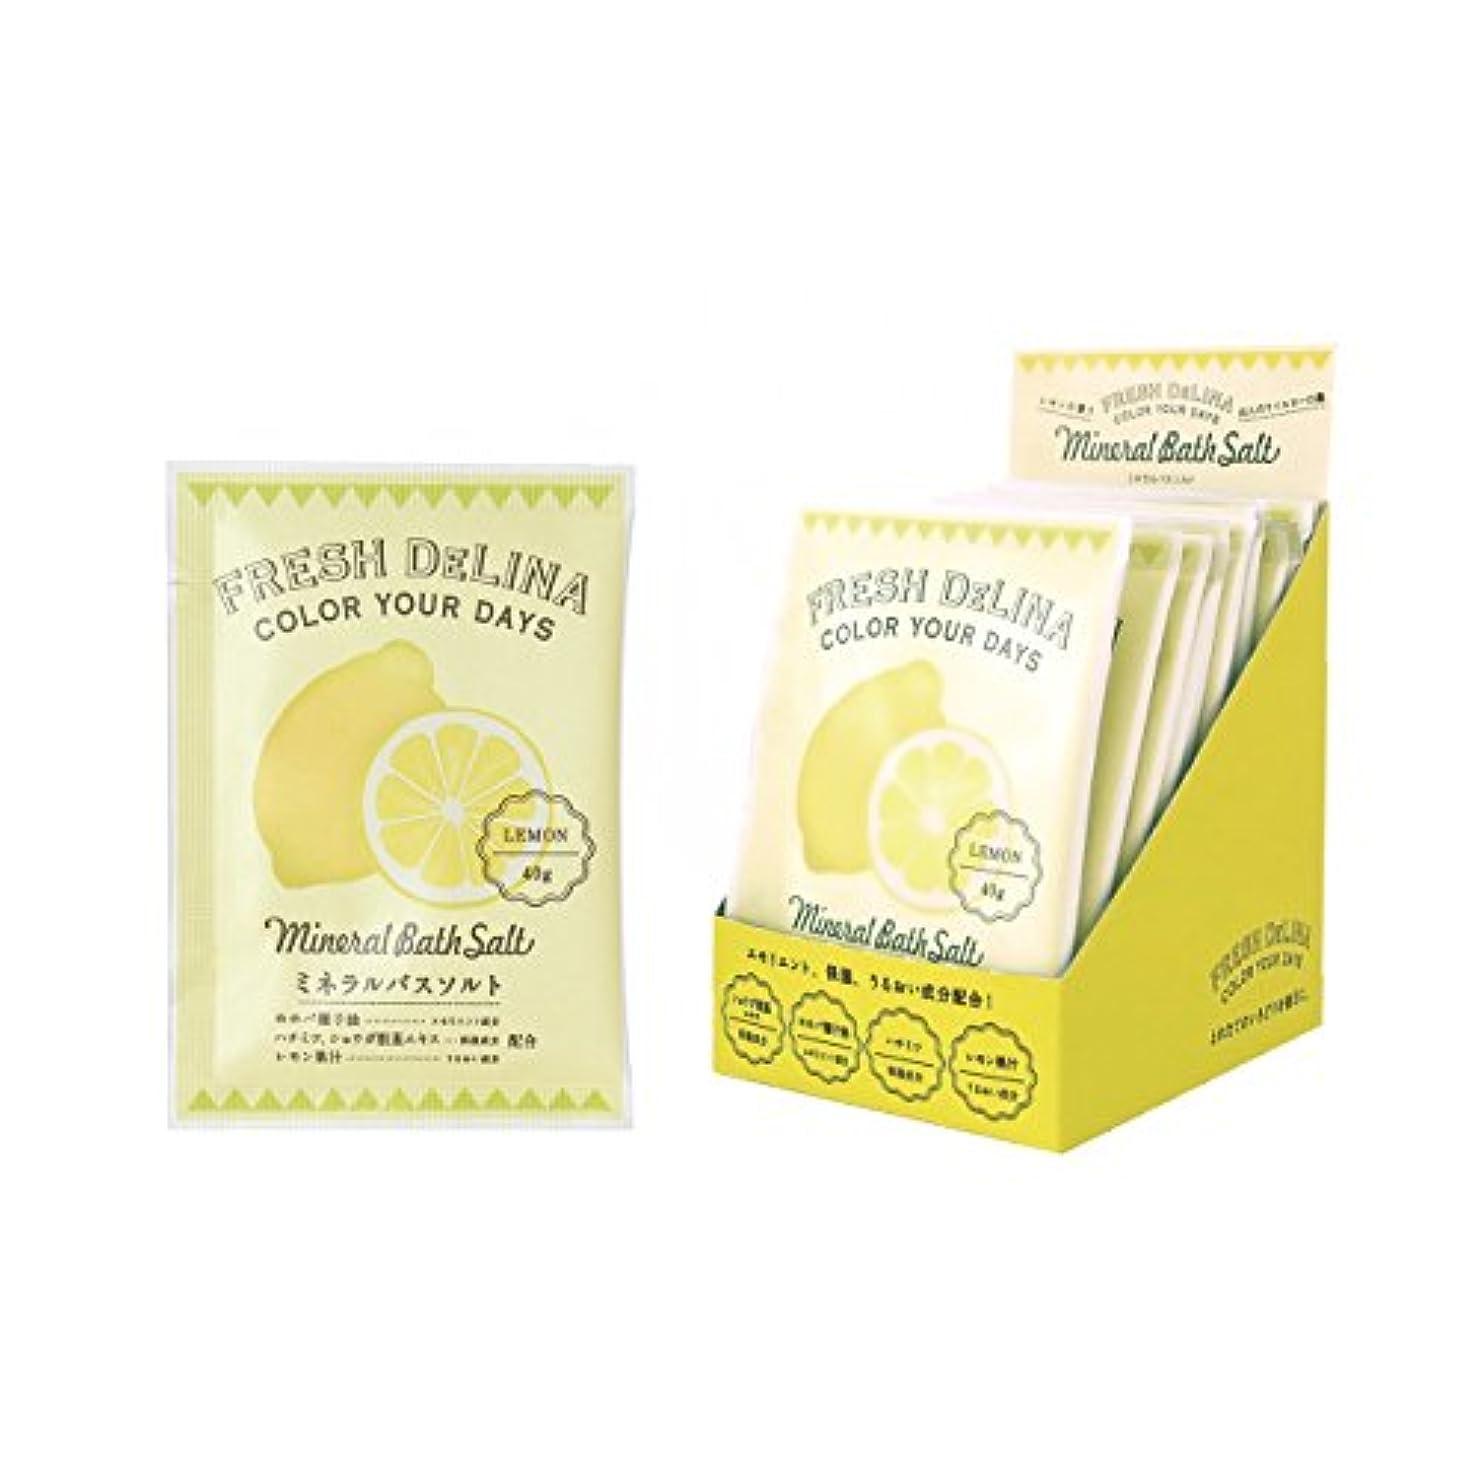 平らな開始初期フレッシュデリーナ ミネラルバスソルト40g(レモン) 12個 (海塩タイプ入浴料 日本製 どこかなつかしいフレッシュなレモンの香り)